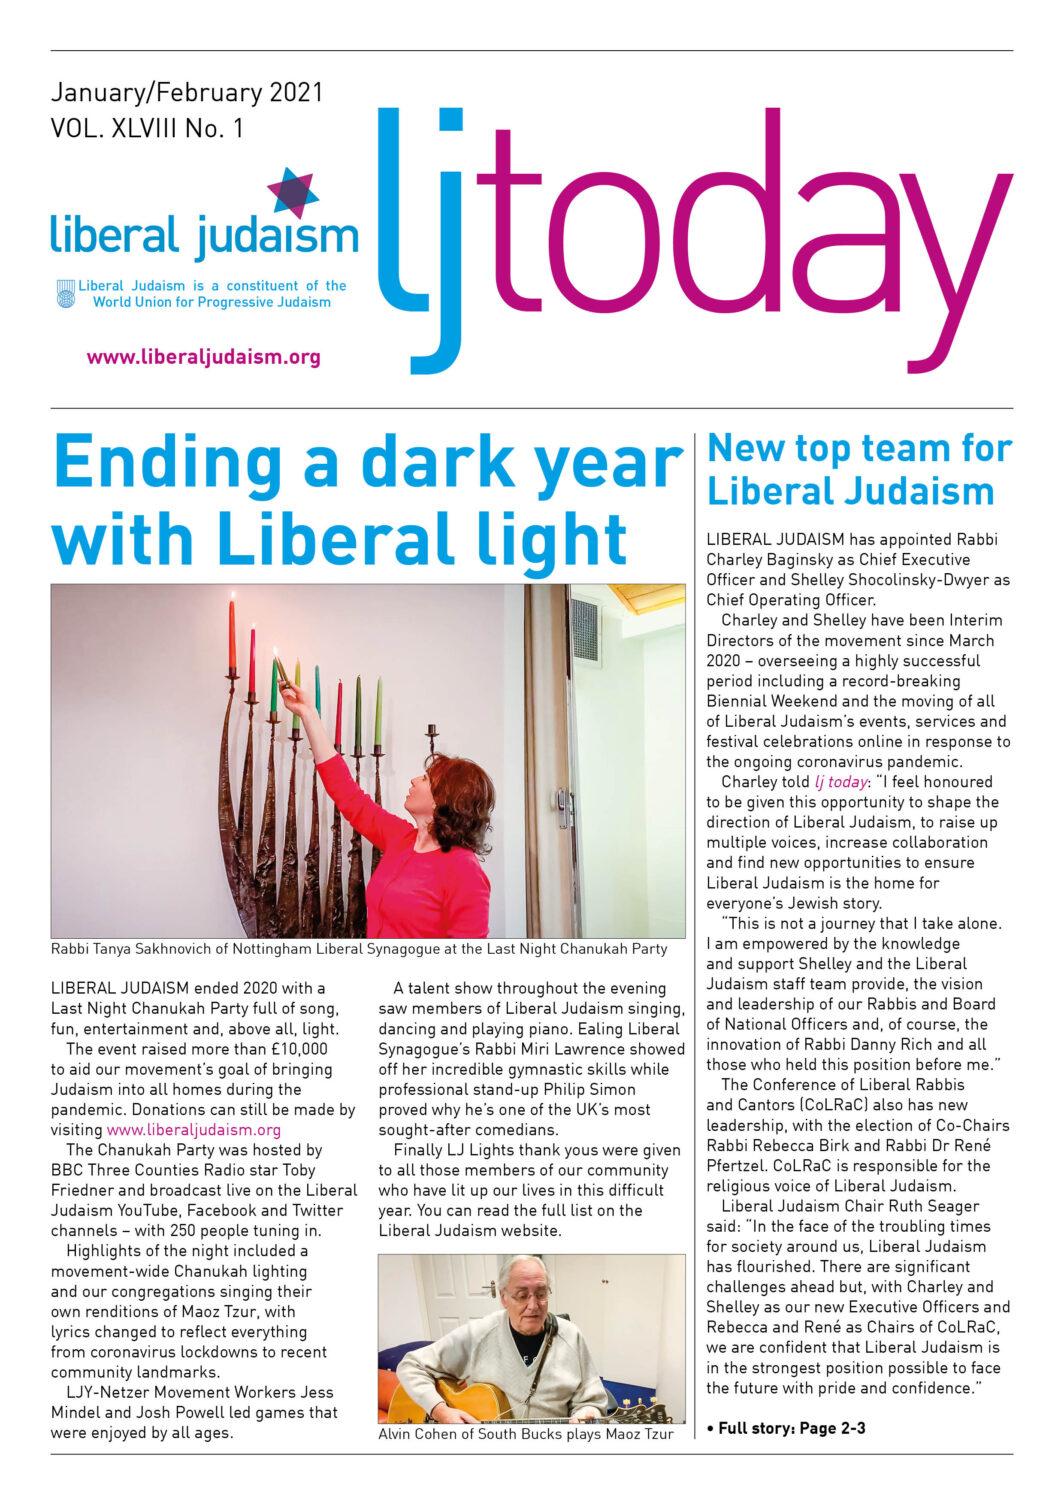 LJ Today January February Edition